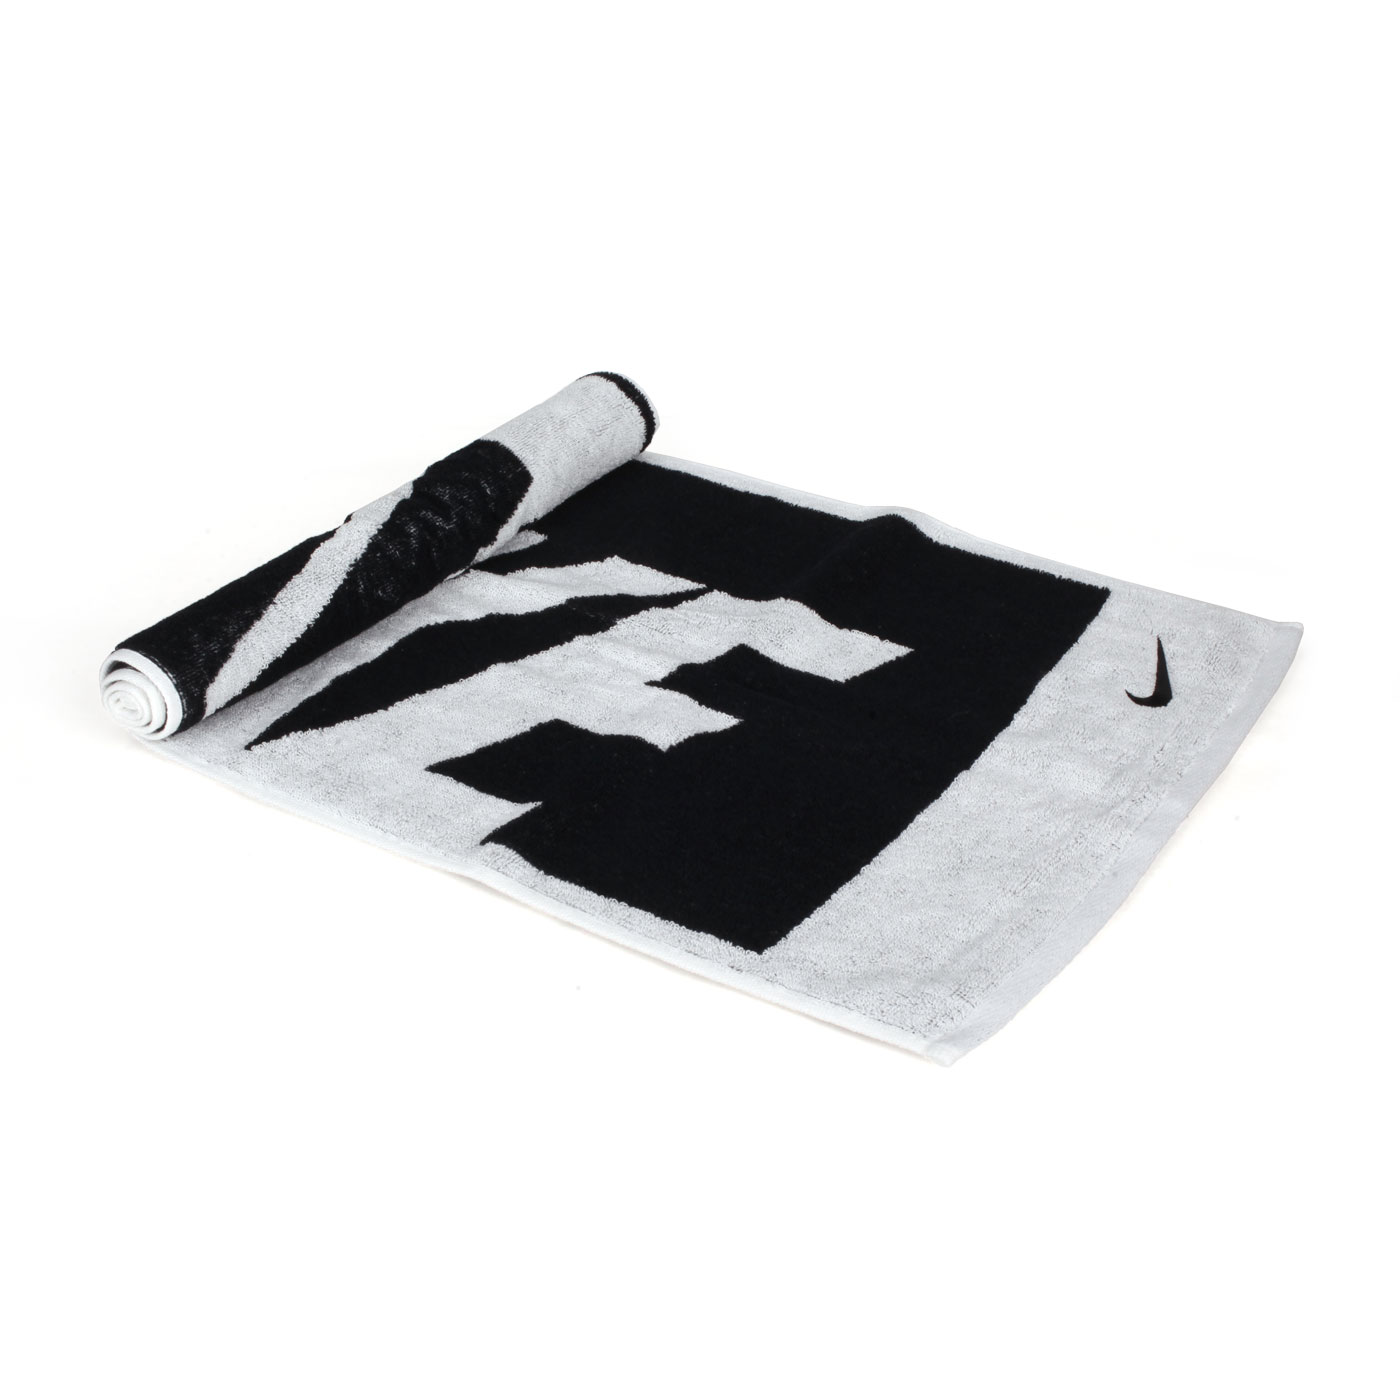 NIKE JACQUARD長型毛巾(中) N1001539036MD - 黑白